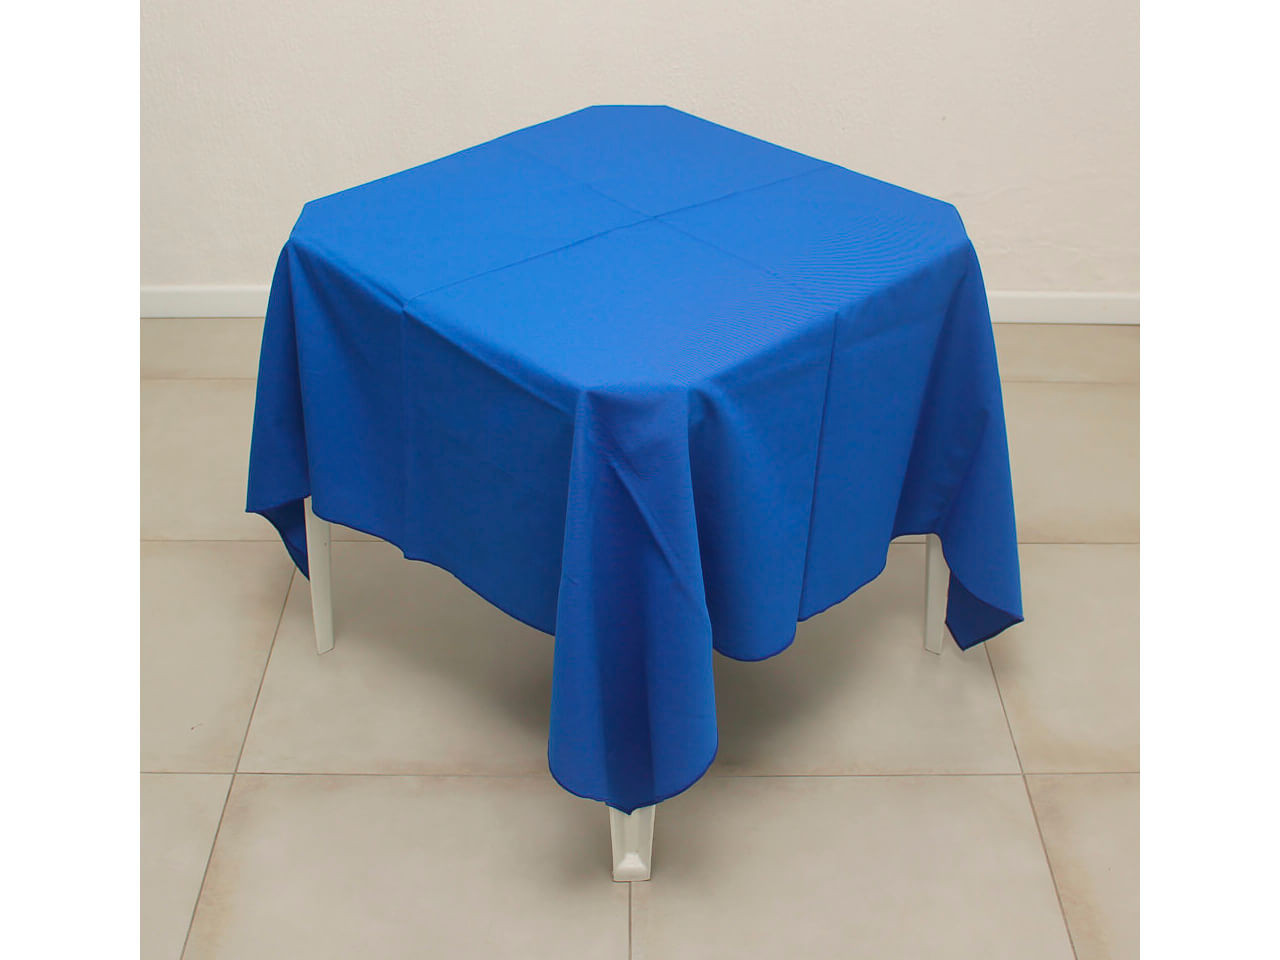 Toalha Azul Royal de oxford 1,5x1,5